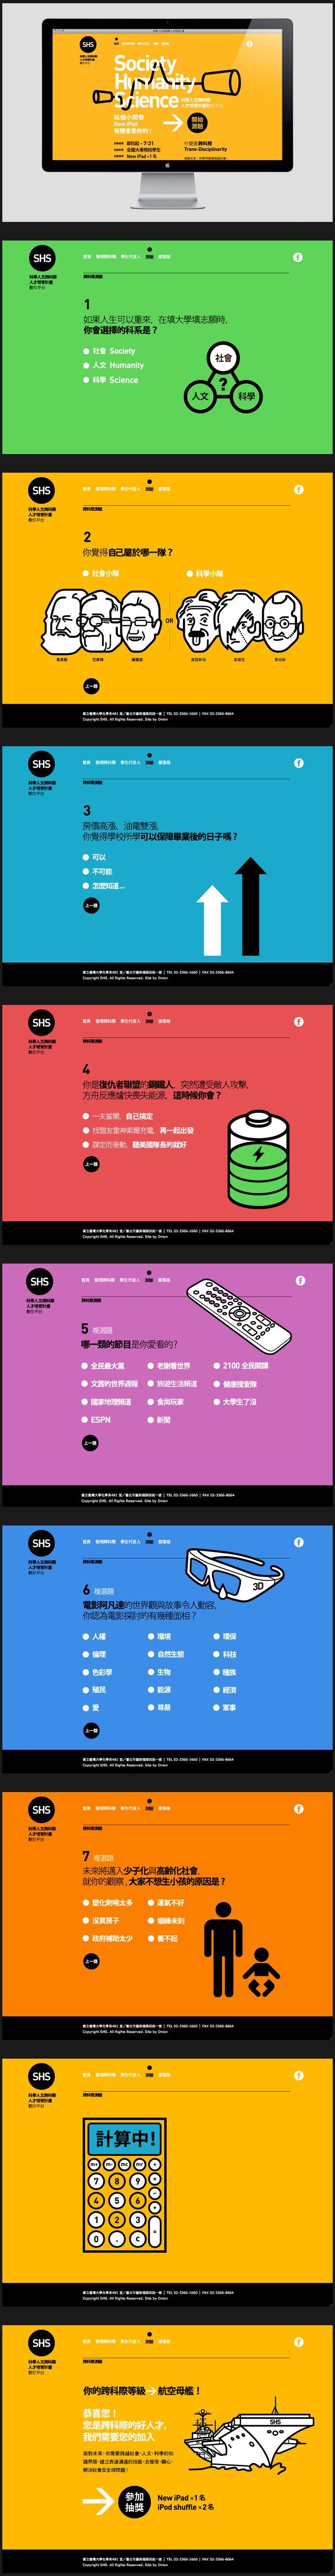 音樂藏寶盒 | Onion Design Associates